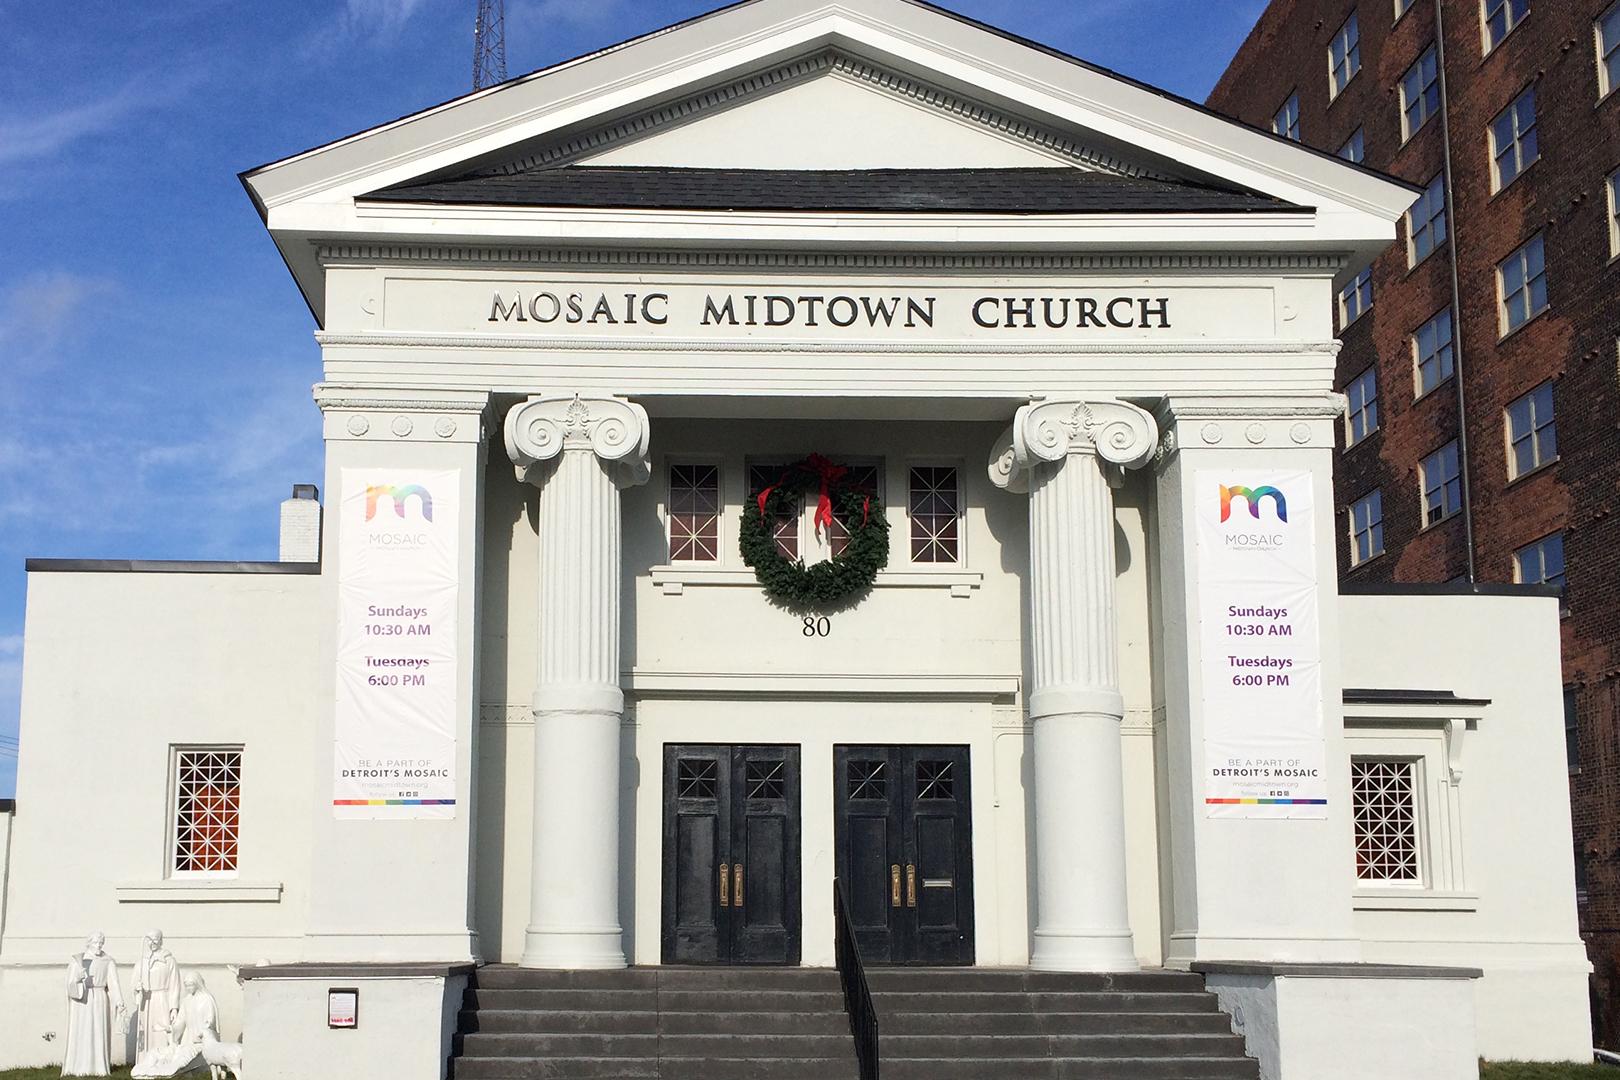 Mosaic Midtown Church